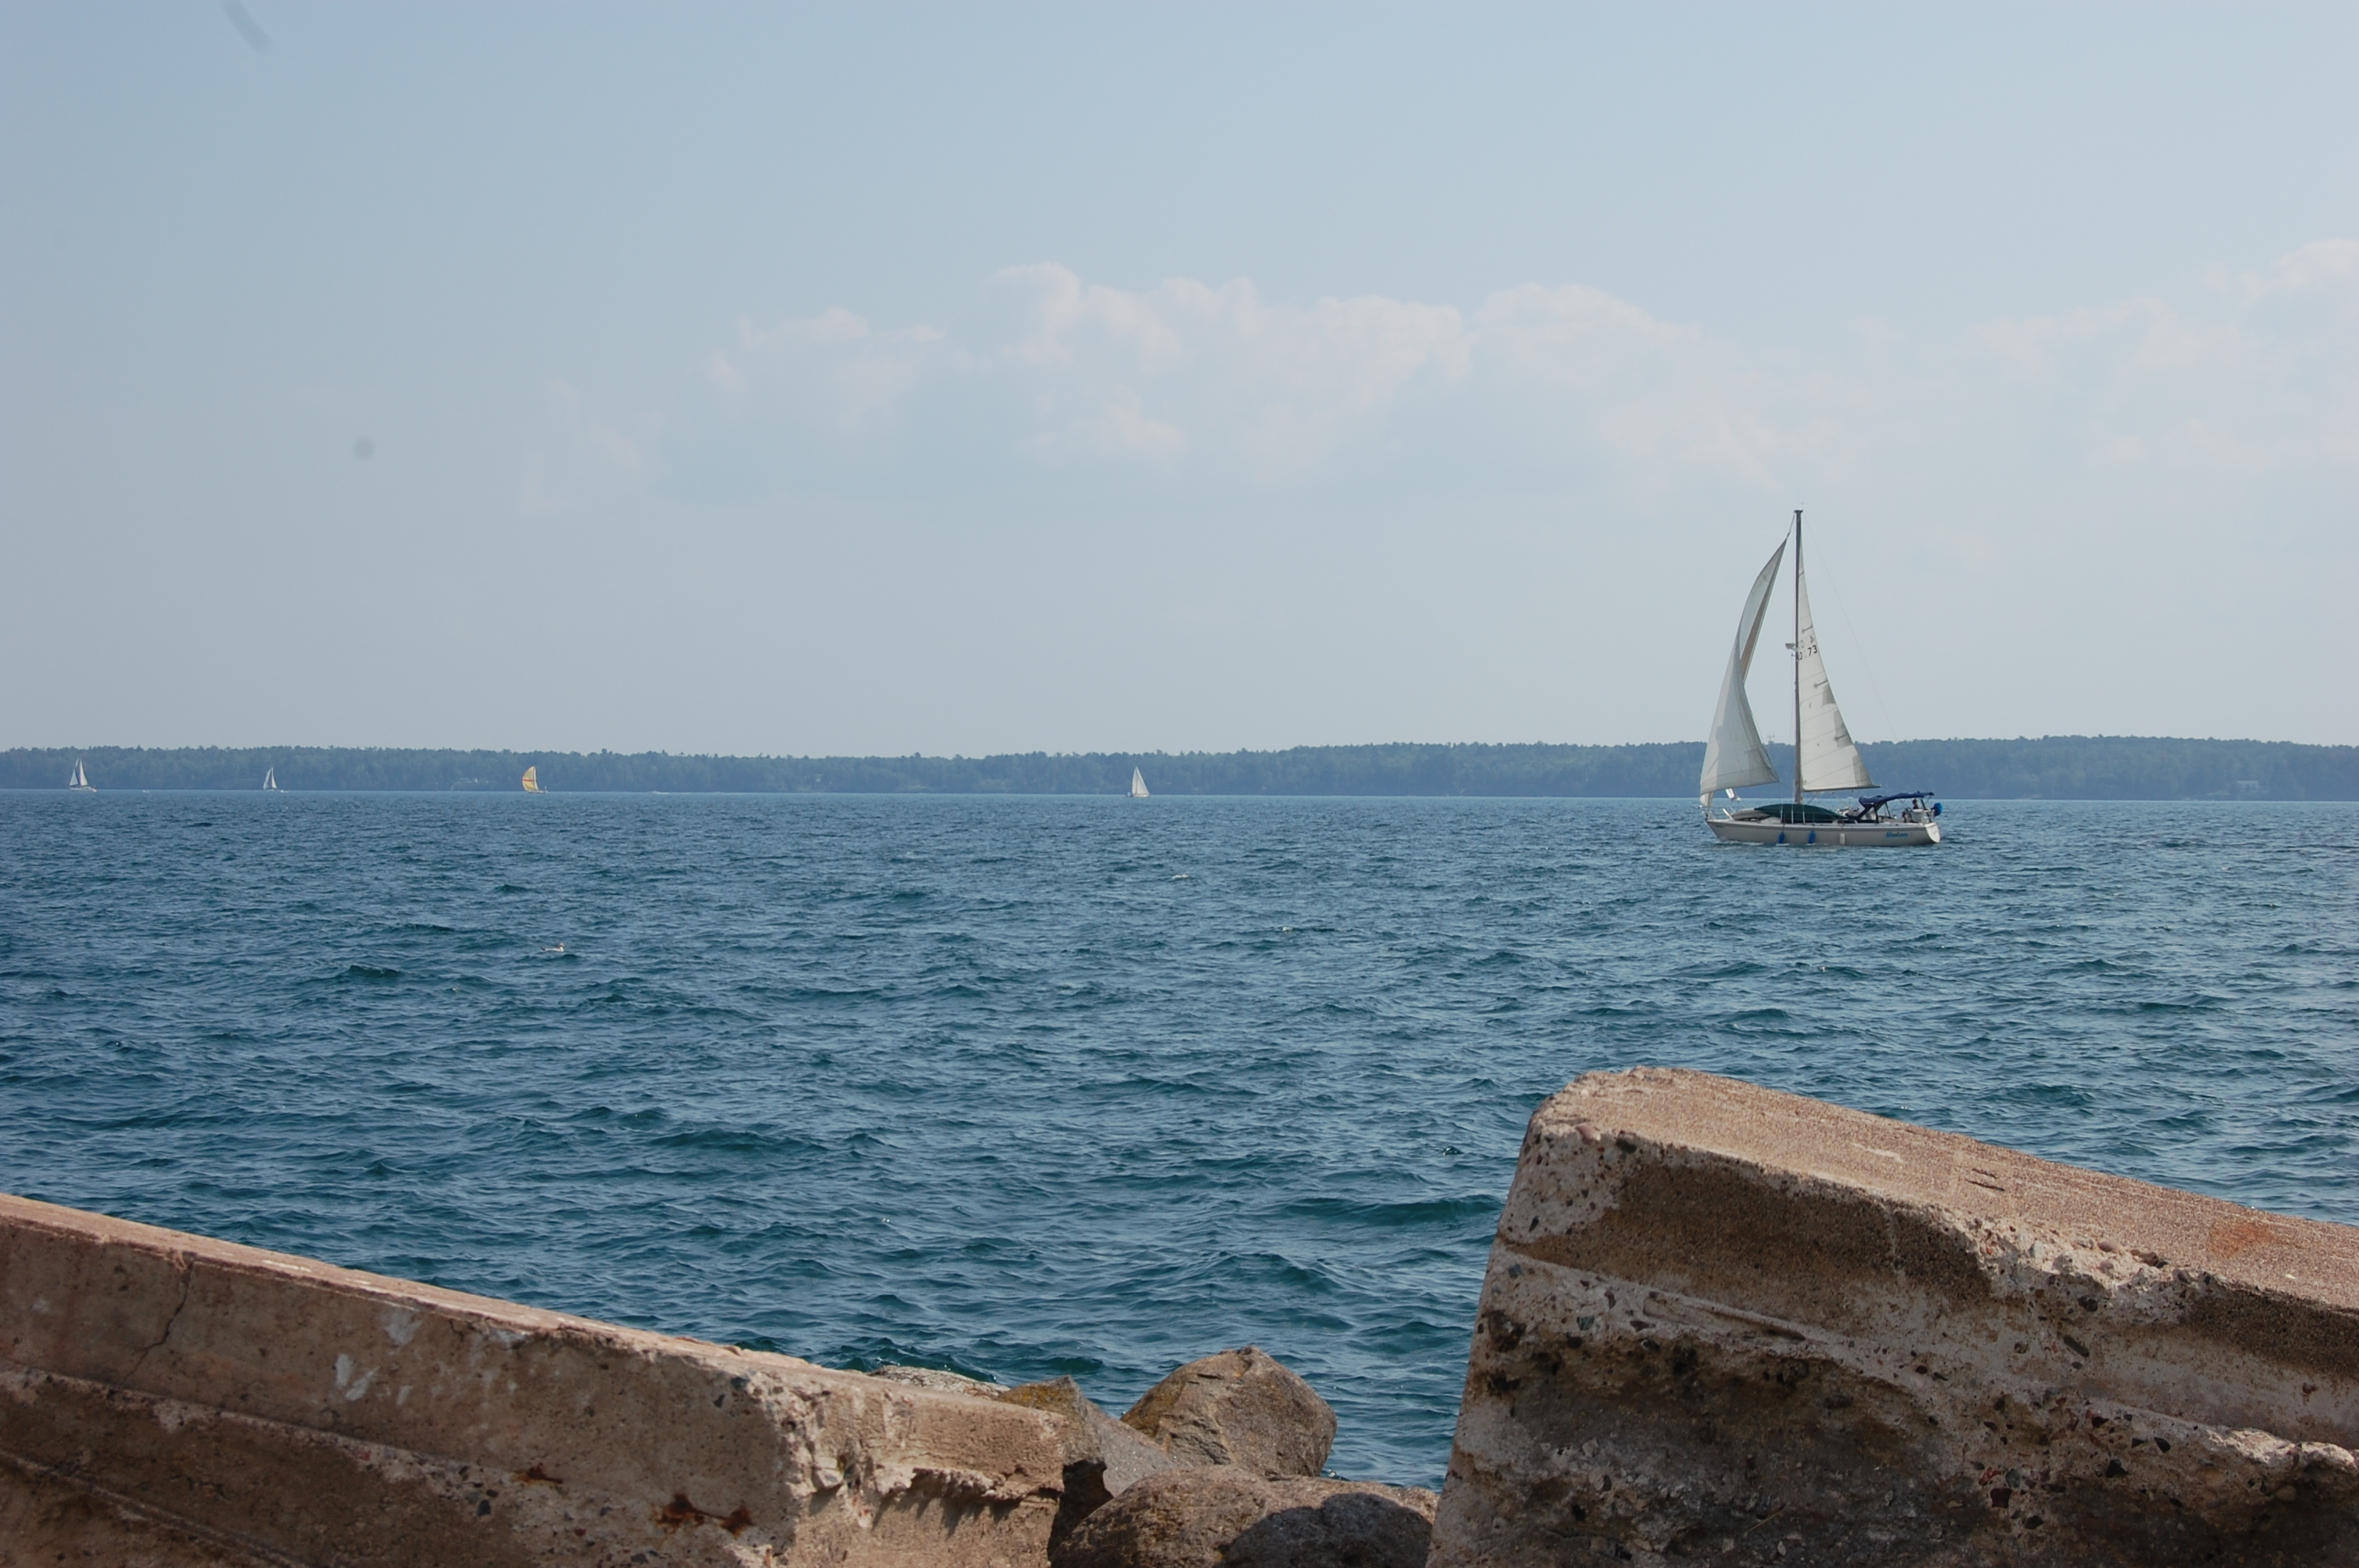 1 sailboat